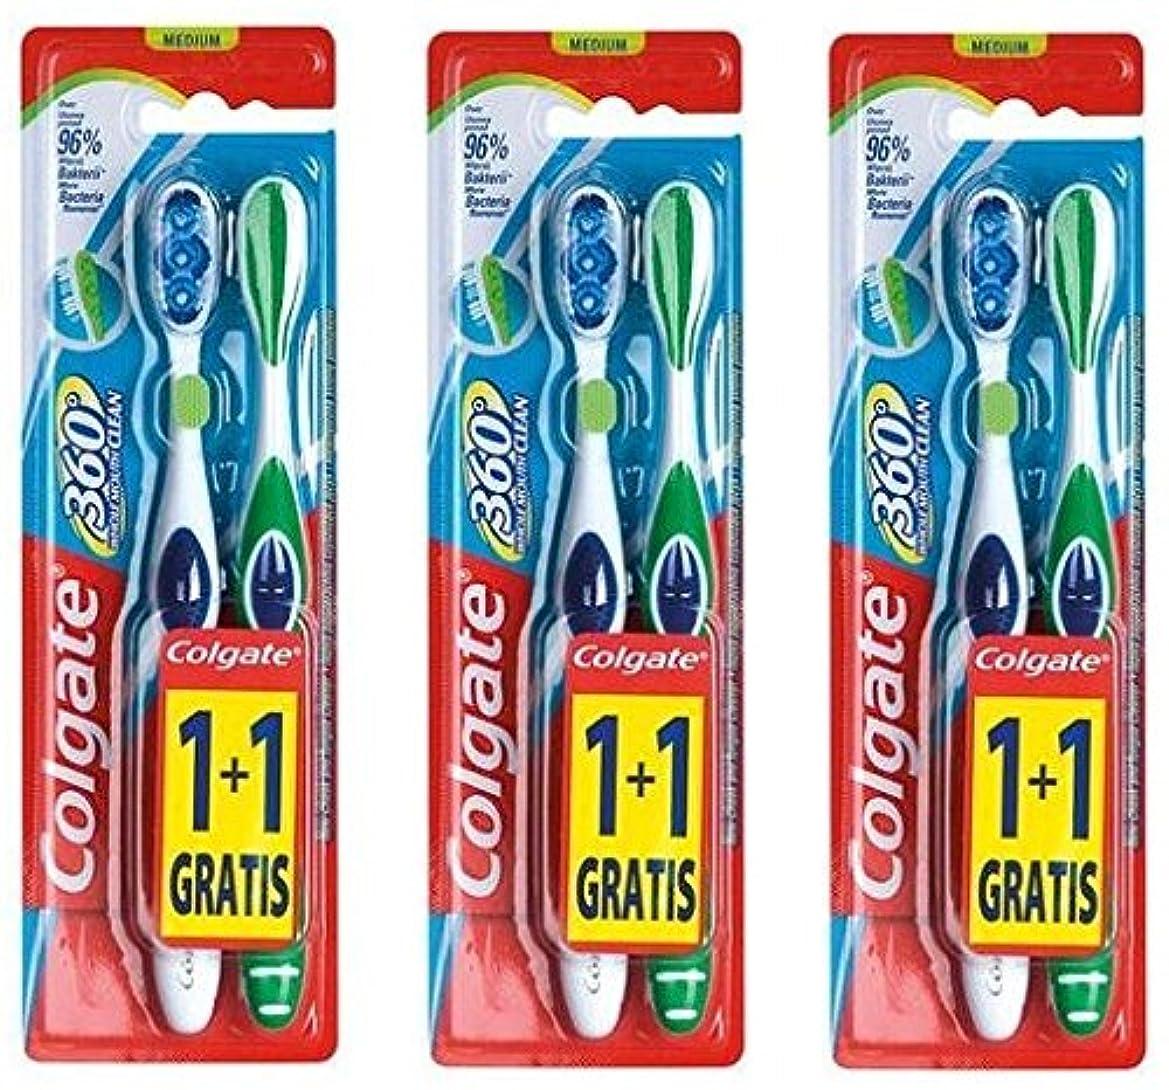 有効化文字通り合唱団Colgate 360 Whole Mouth Clean コルゲート 歯ブラシ 6個 (2 x 3) [並行輸入品]